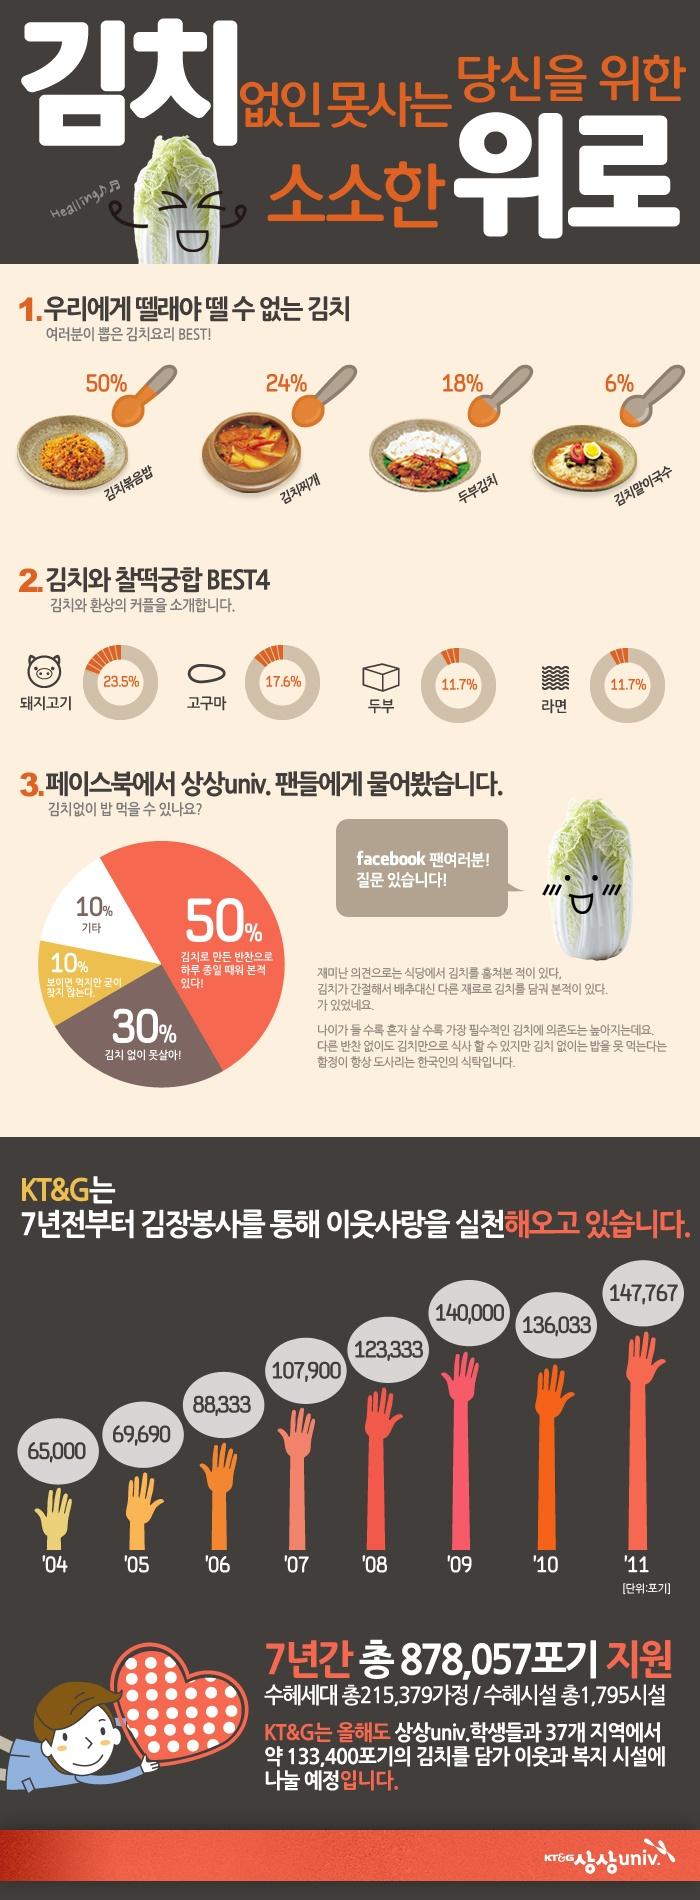 *KT & G의 김장 봉사 활동을 홍보하기 위한 인포그래픽